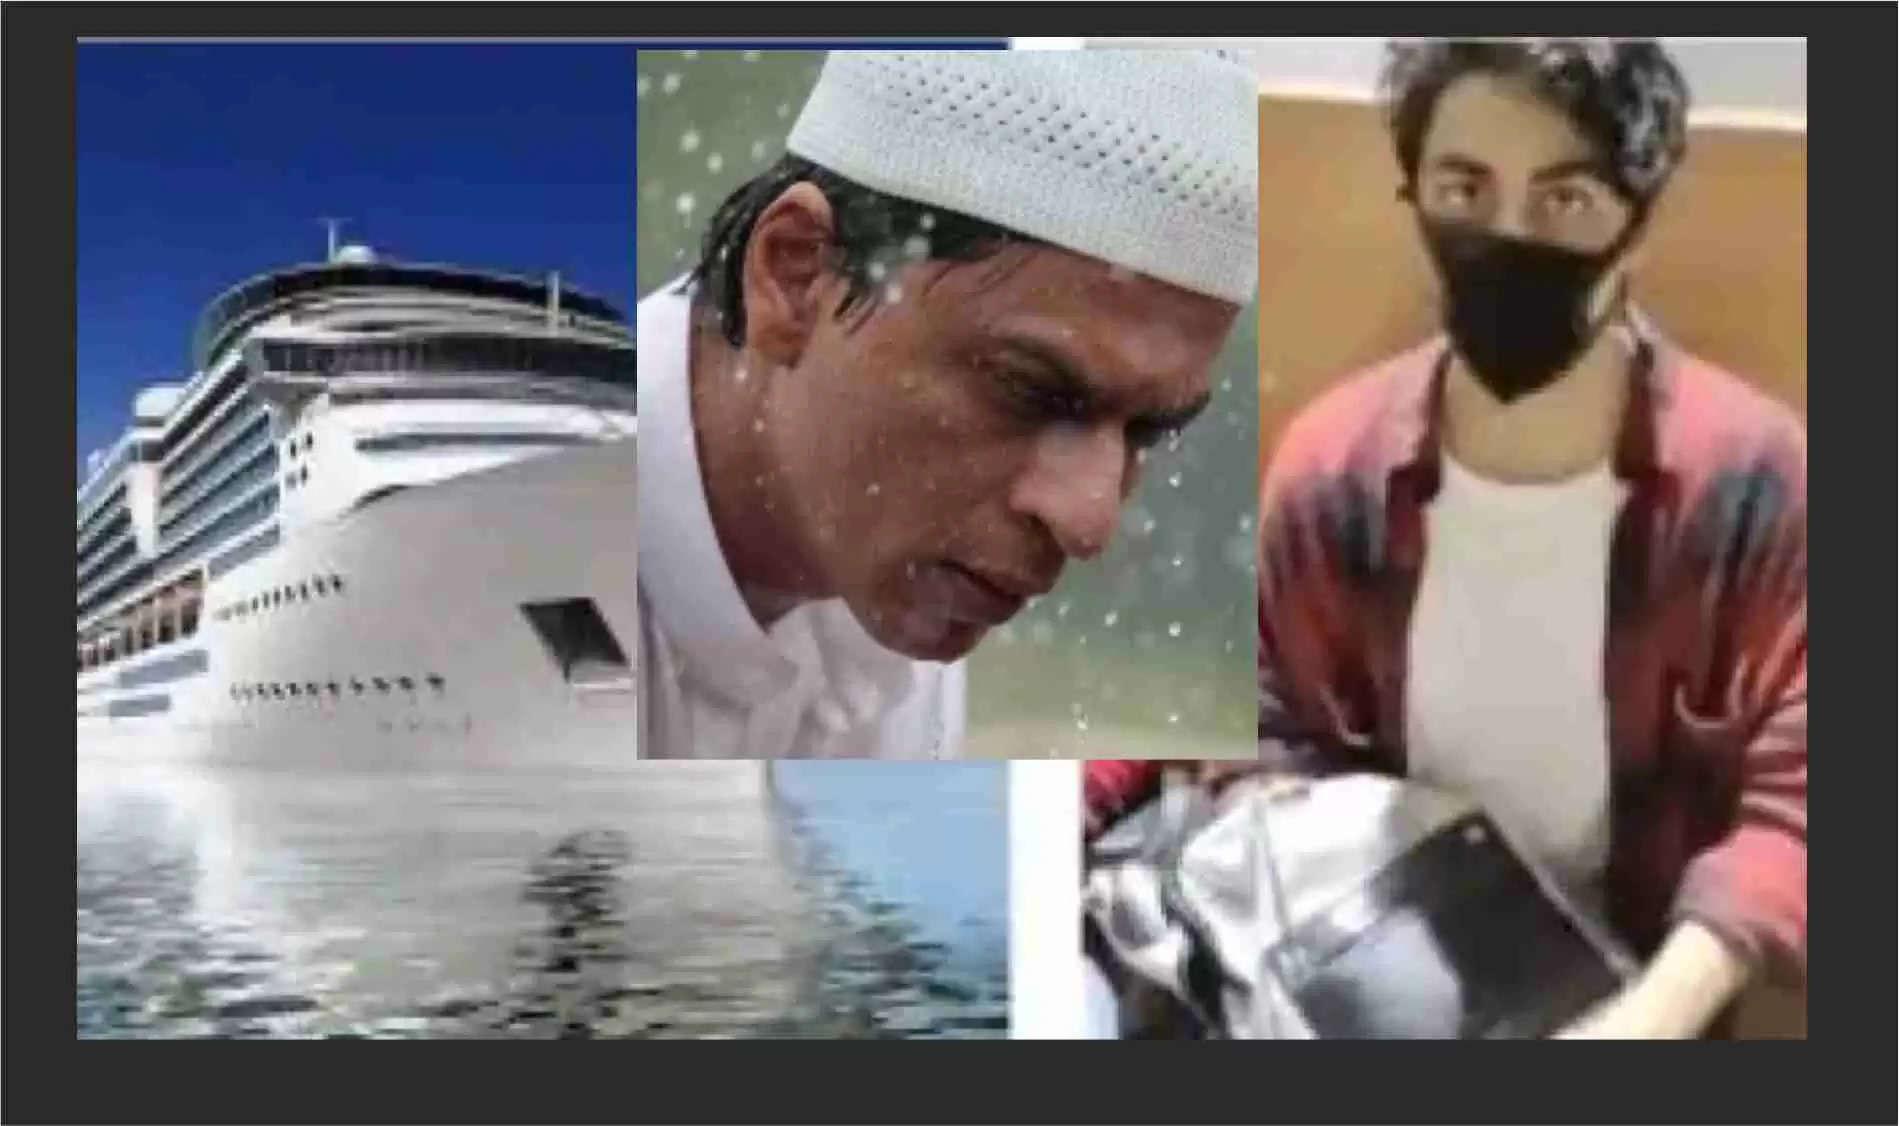 Cruise Drugs Partyमें शाहरुख खान के बेटे Aryan Khan गिरफ्तार, समुंदर के बीच क्रूज पर चल रही थी ड्रग्स पार्टी